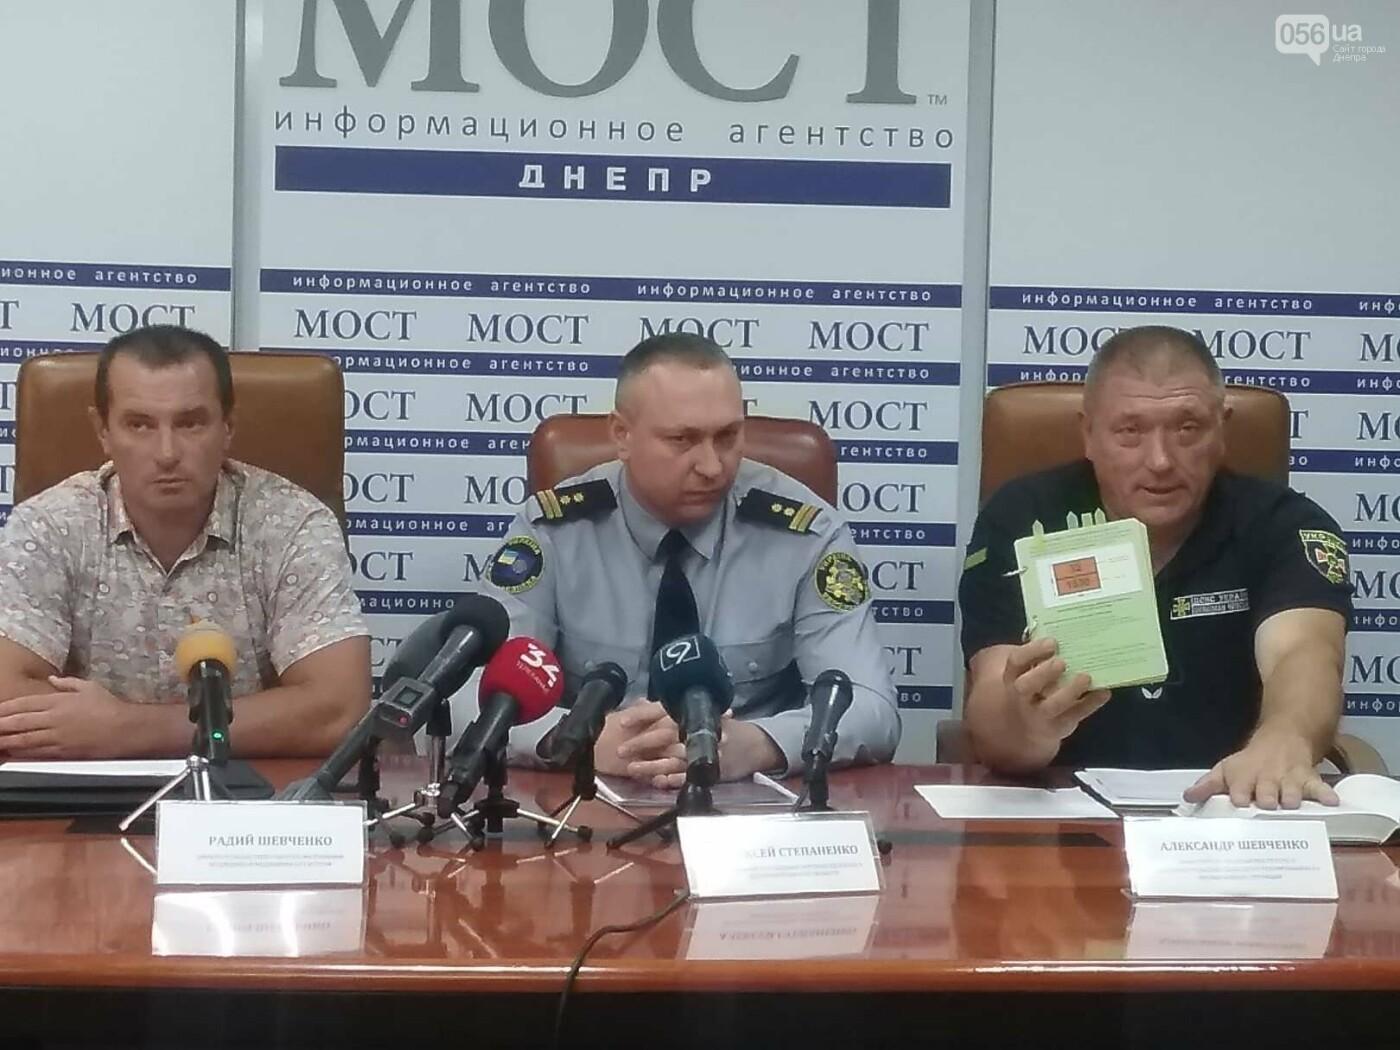 Грунт с кислотой, жалобы от жителей и опасный оксид: всё, что вы хотели знать о сложившейся ситуации с разливом химвещества под Днепром, фото-2